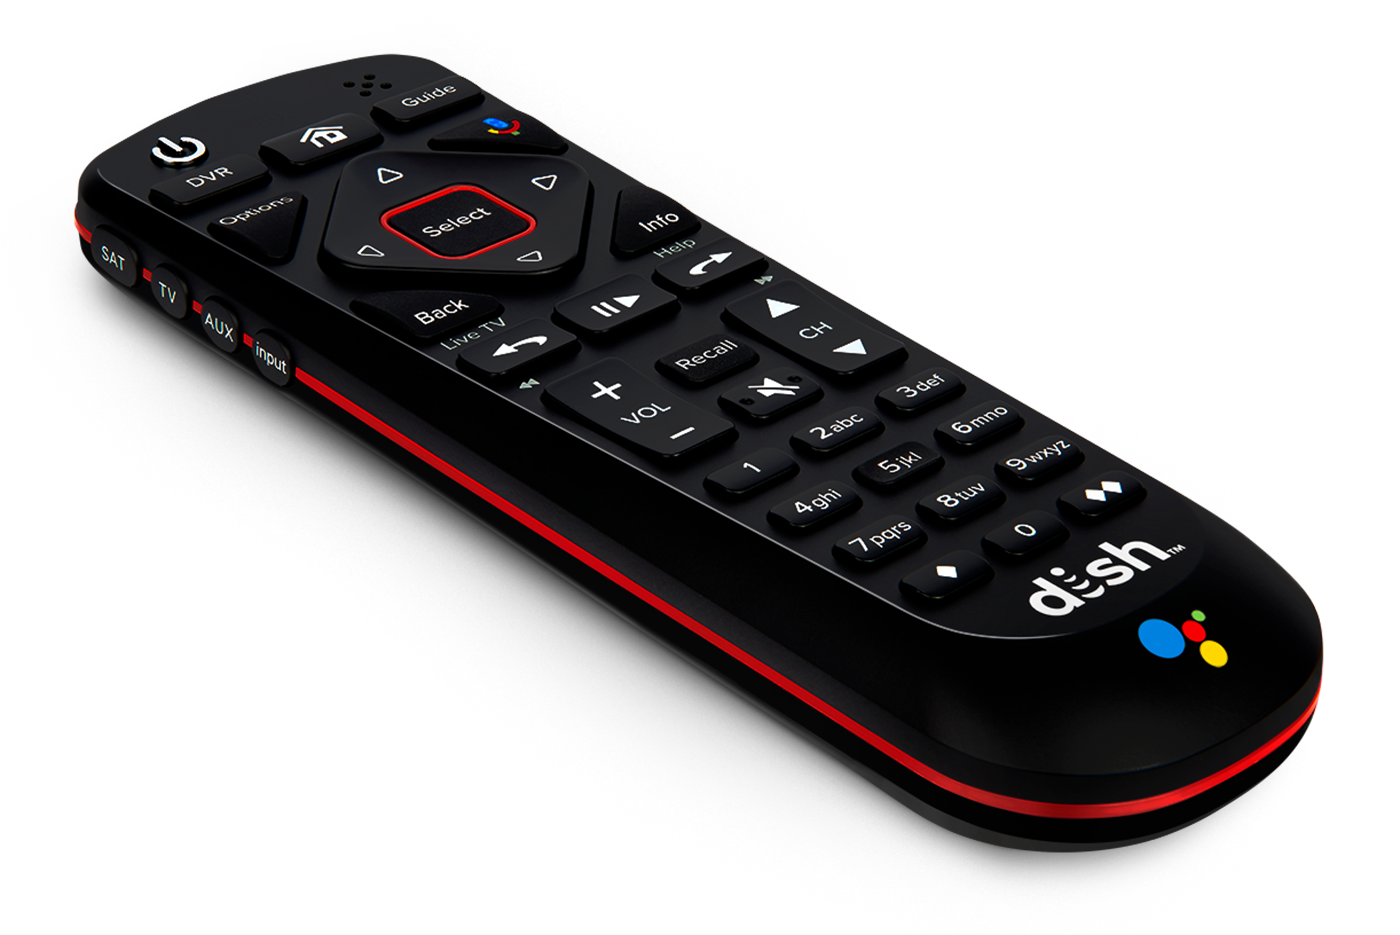 DISH voice remote